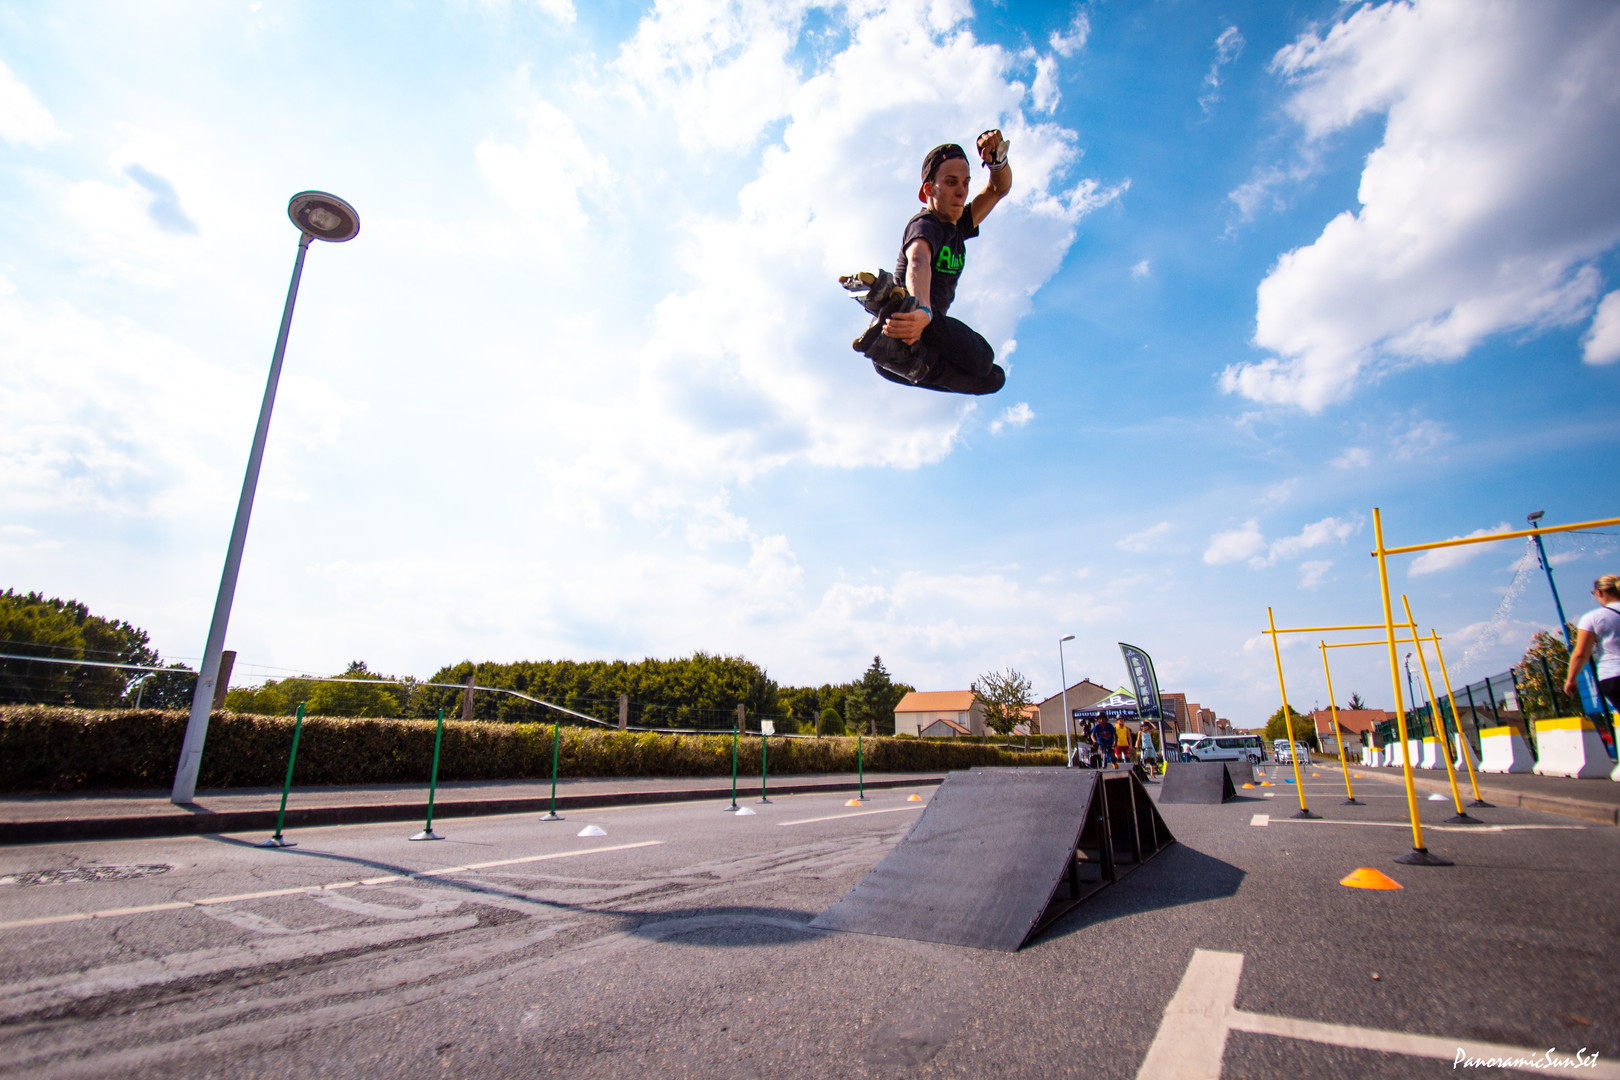 démonstrations mini skate park rlimite paris